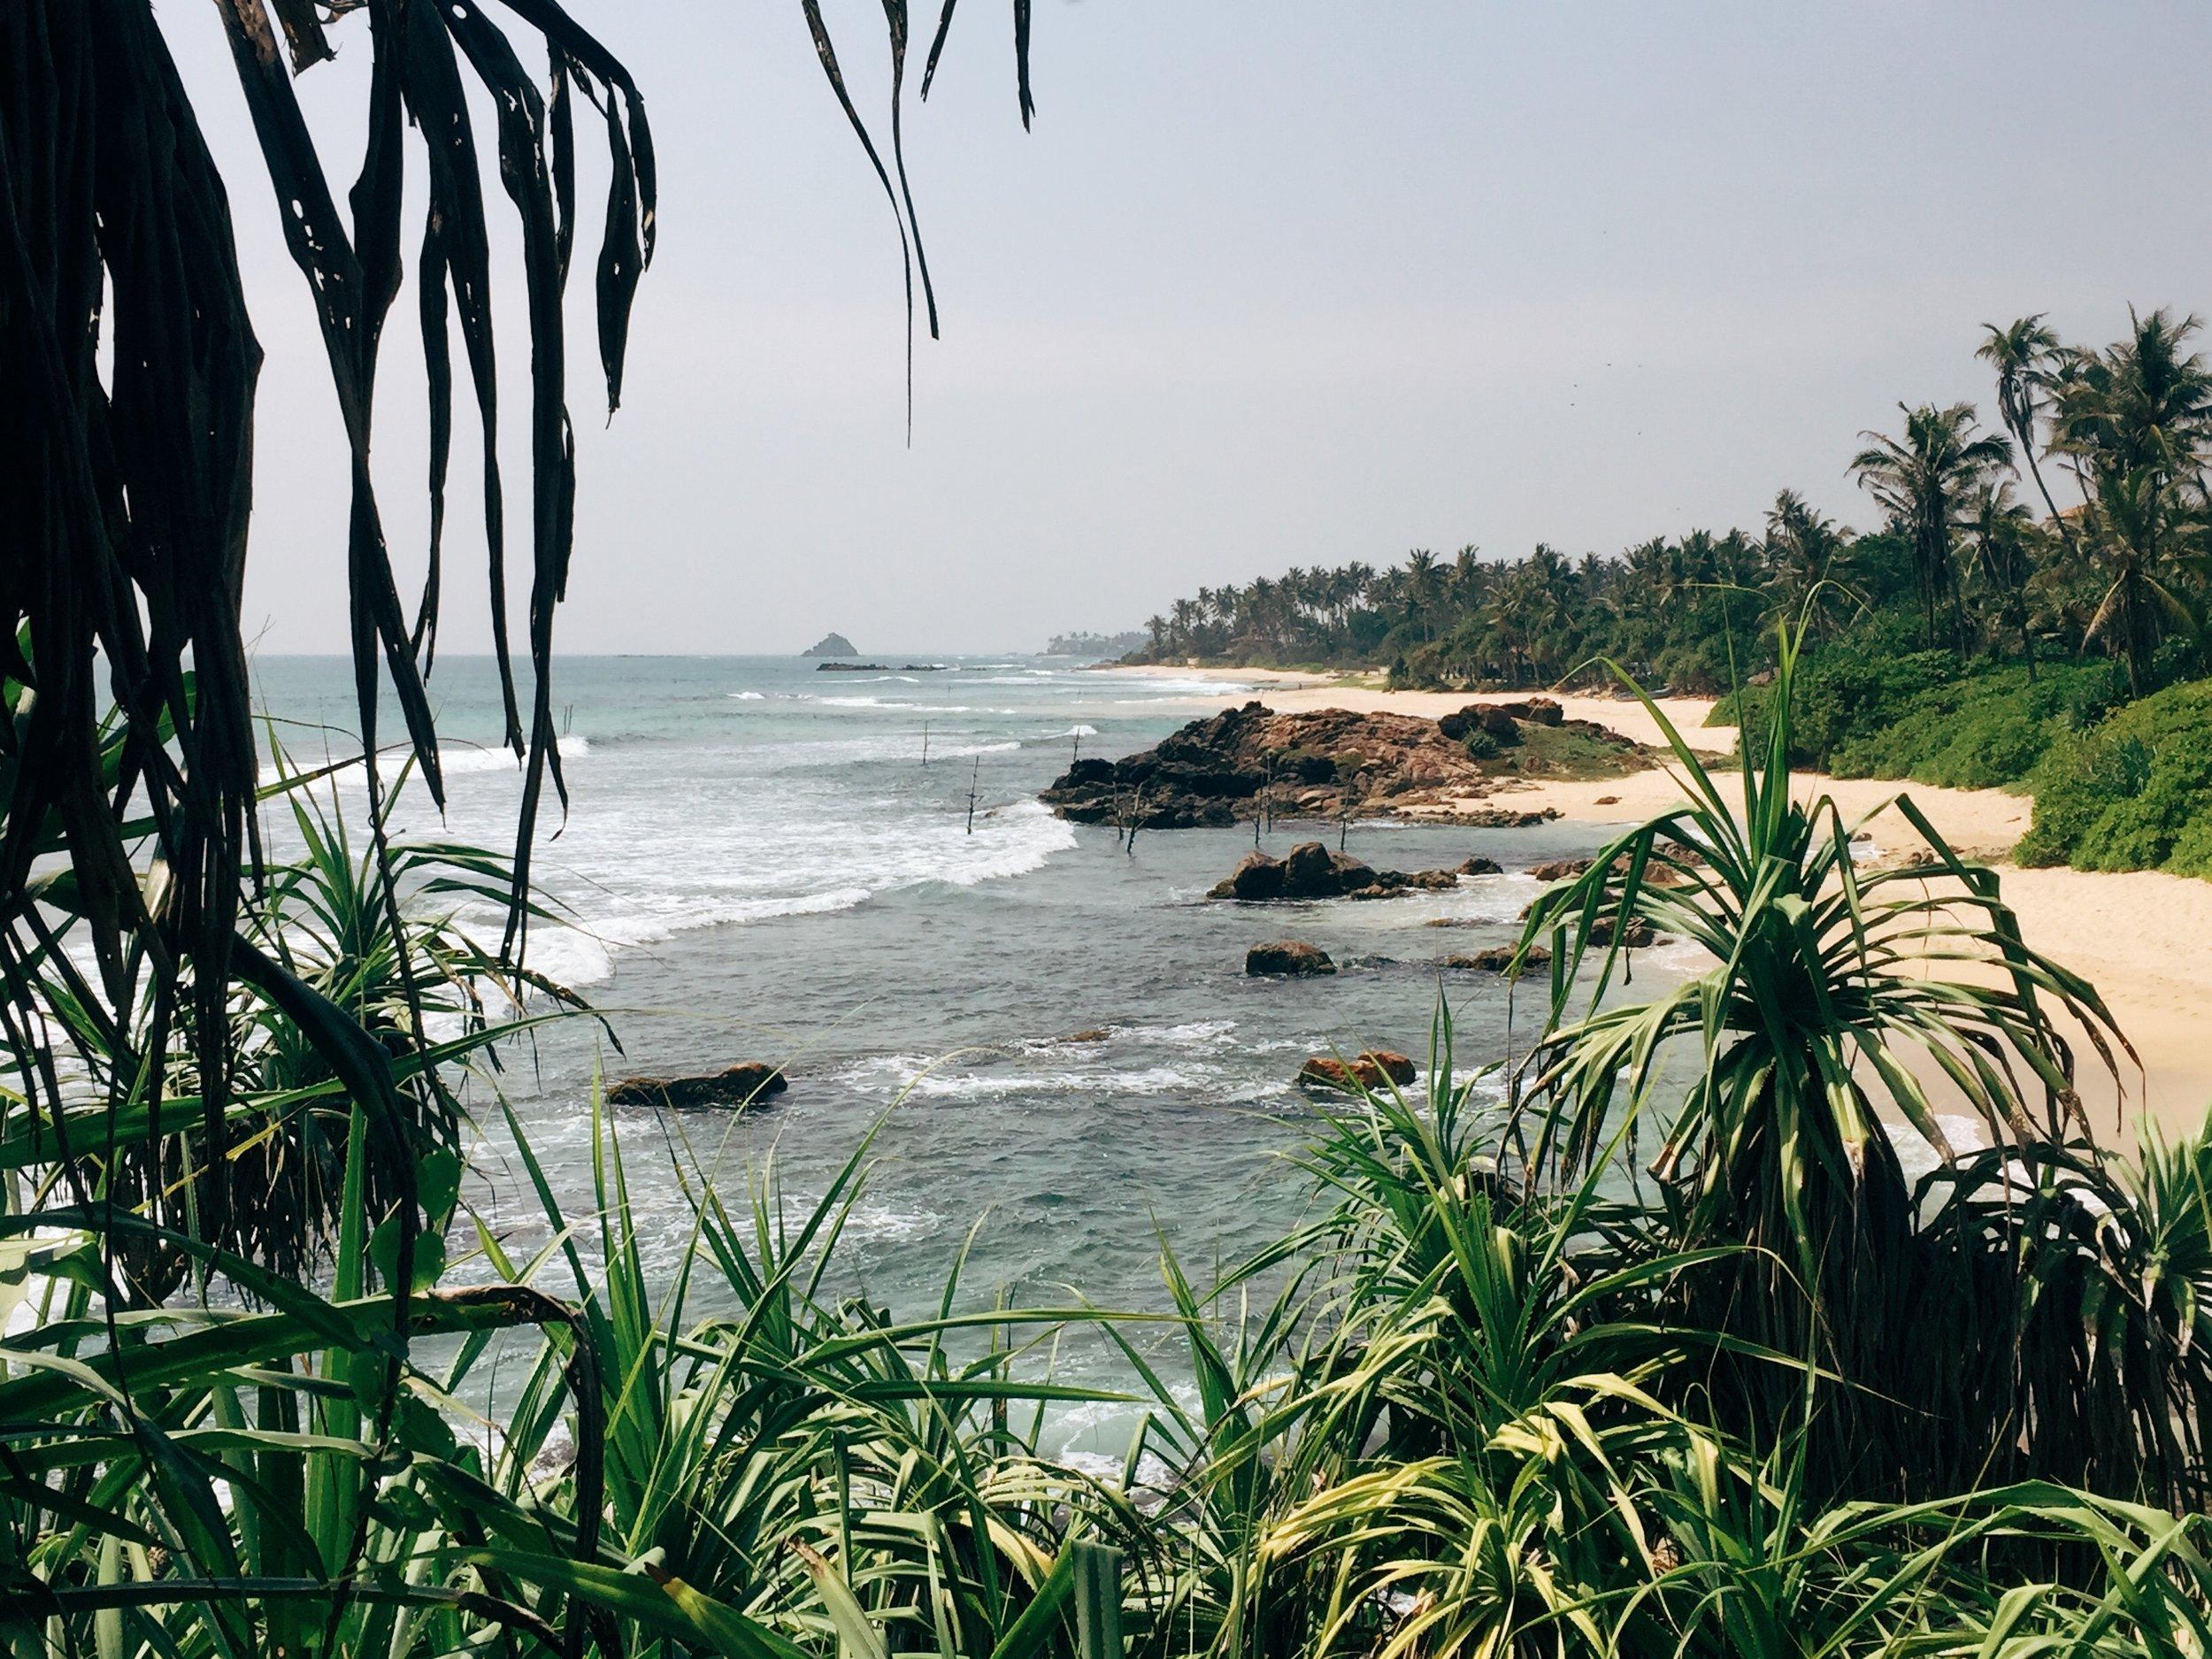 A Guide to Sri Lanka's South Coast